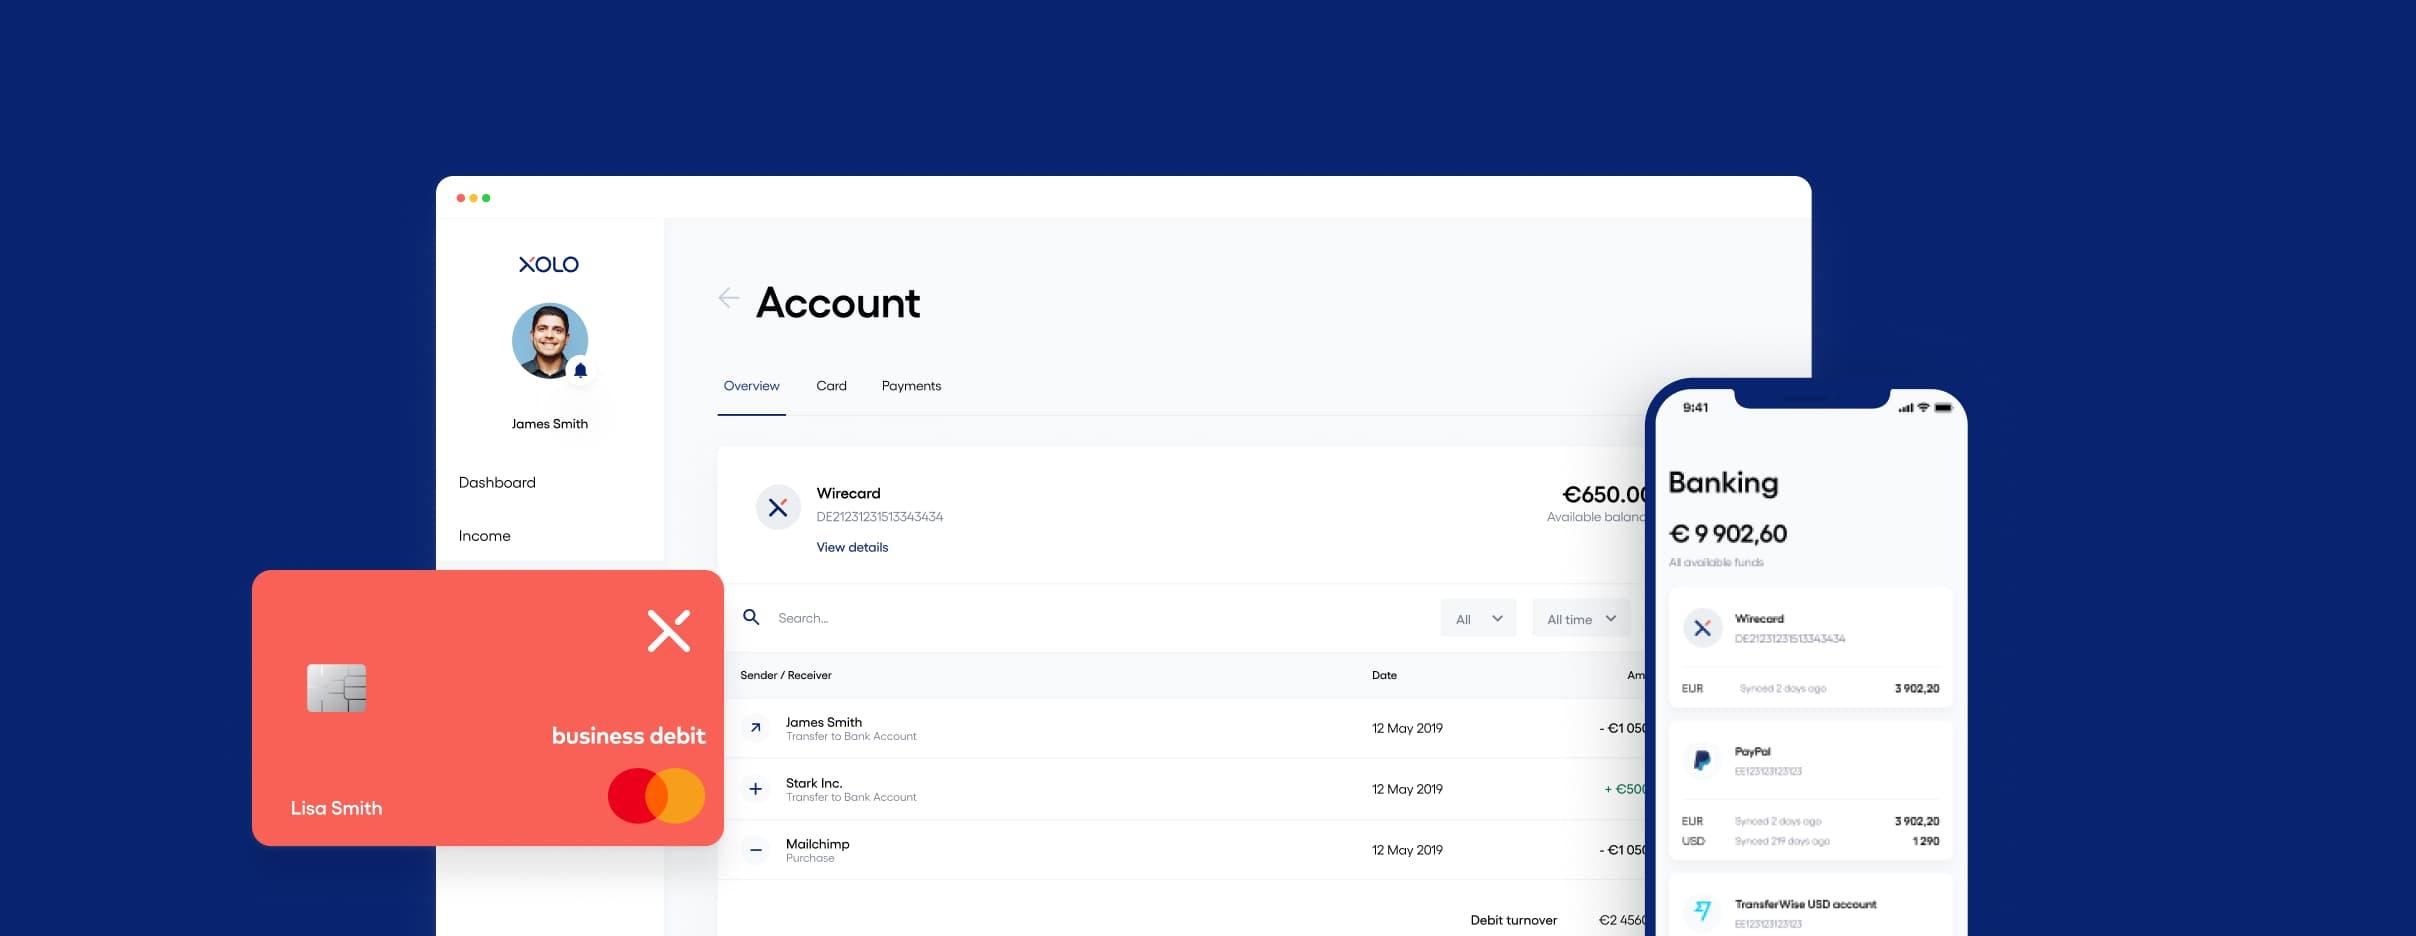 Immagine de conti bancari di Xolo